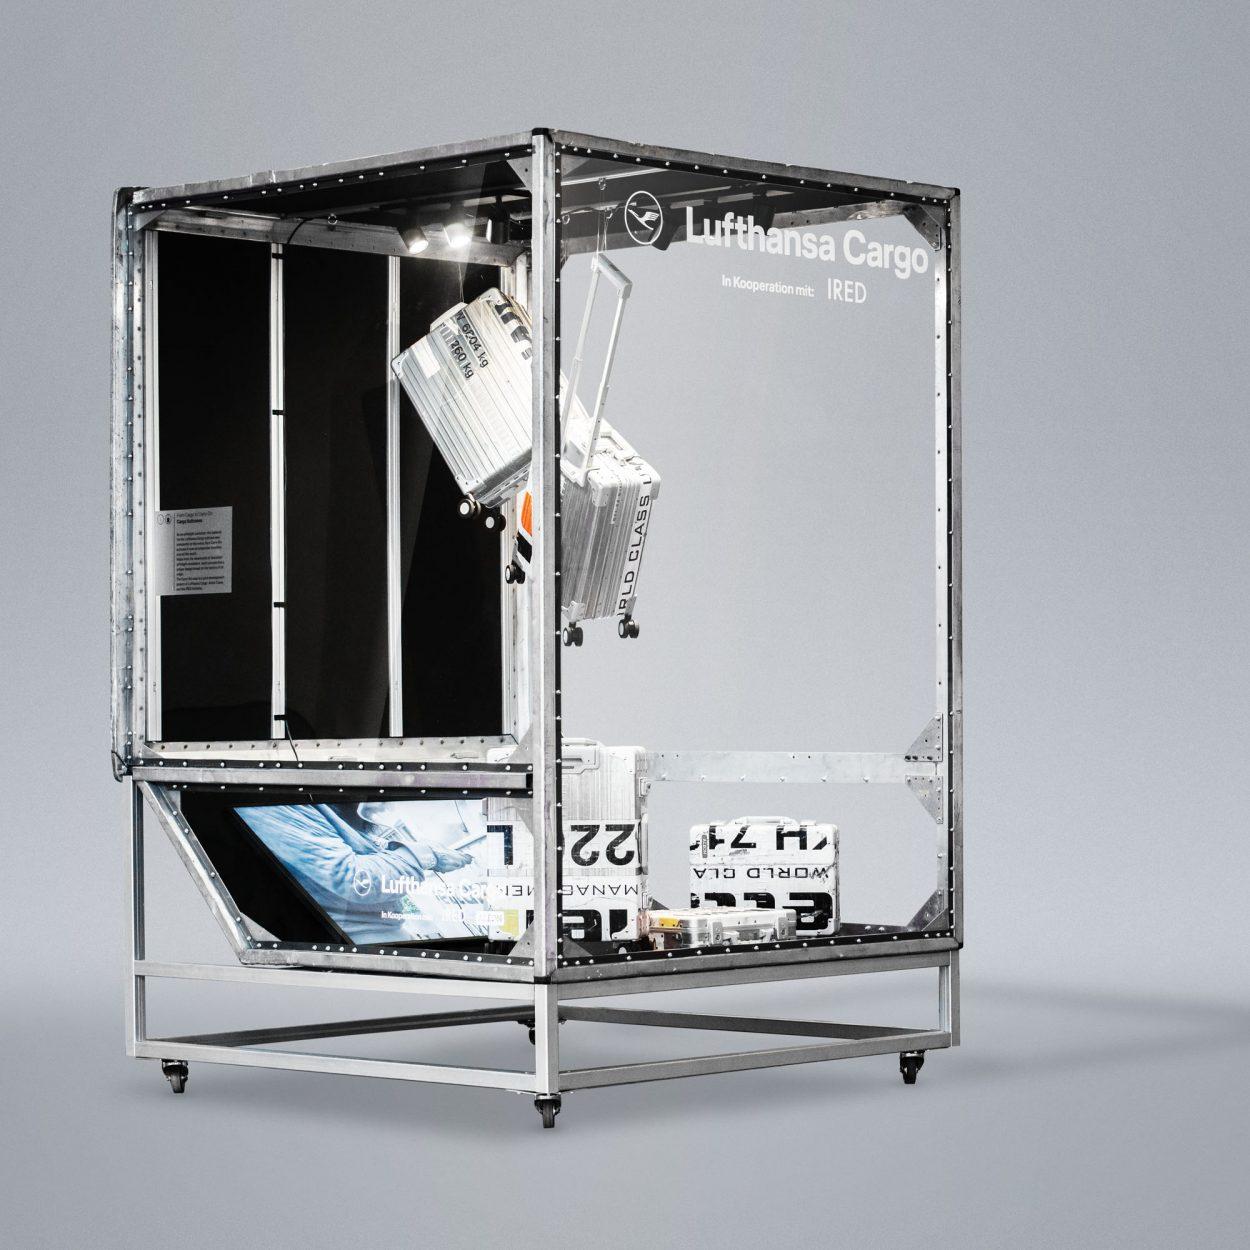 Lufthansa Cargo Display Vitrine für Messen, Gestaltung und Umsetzung IRED Institut